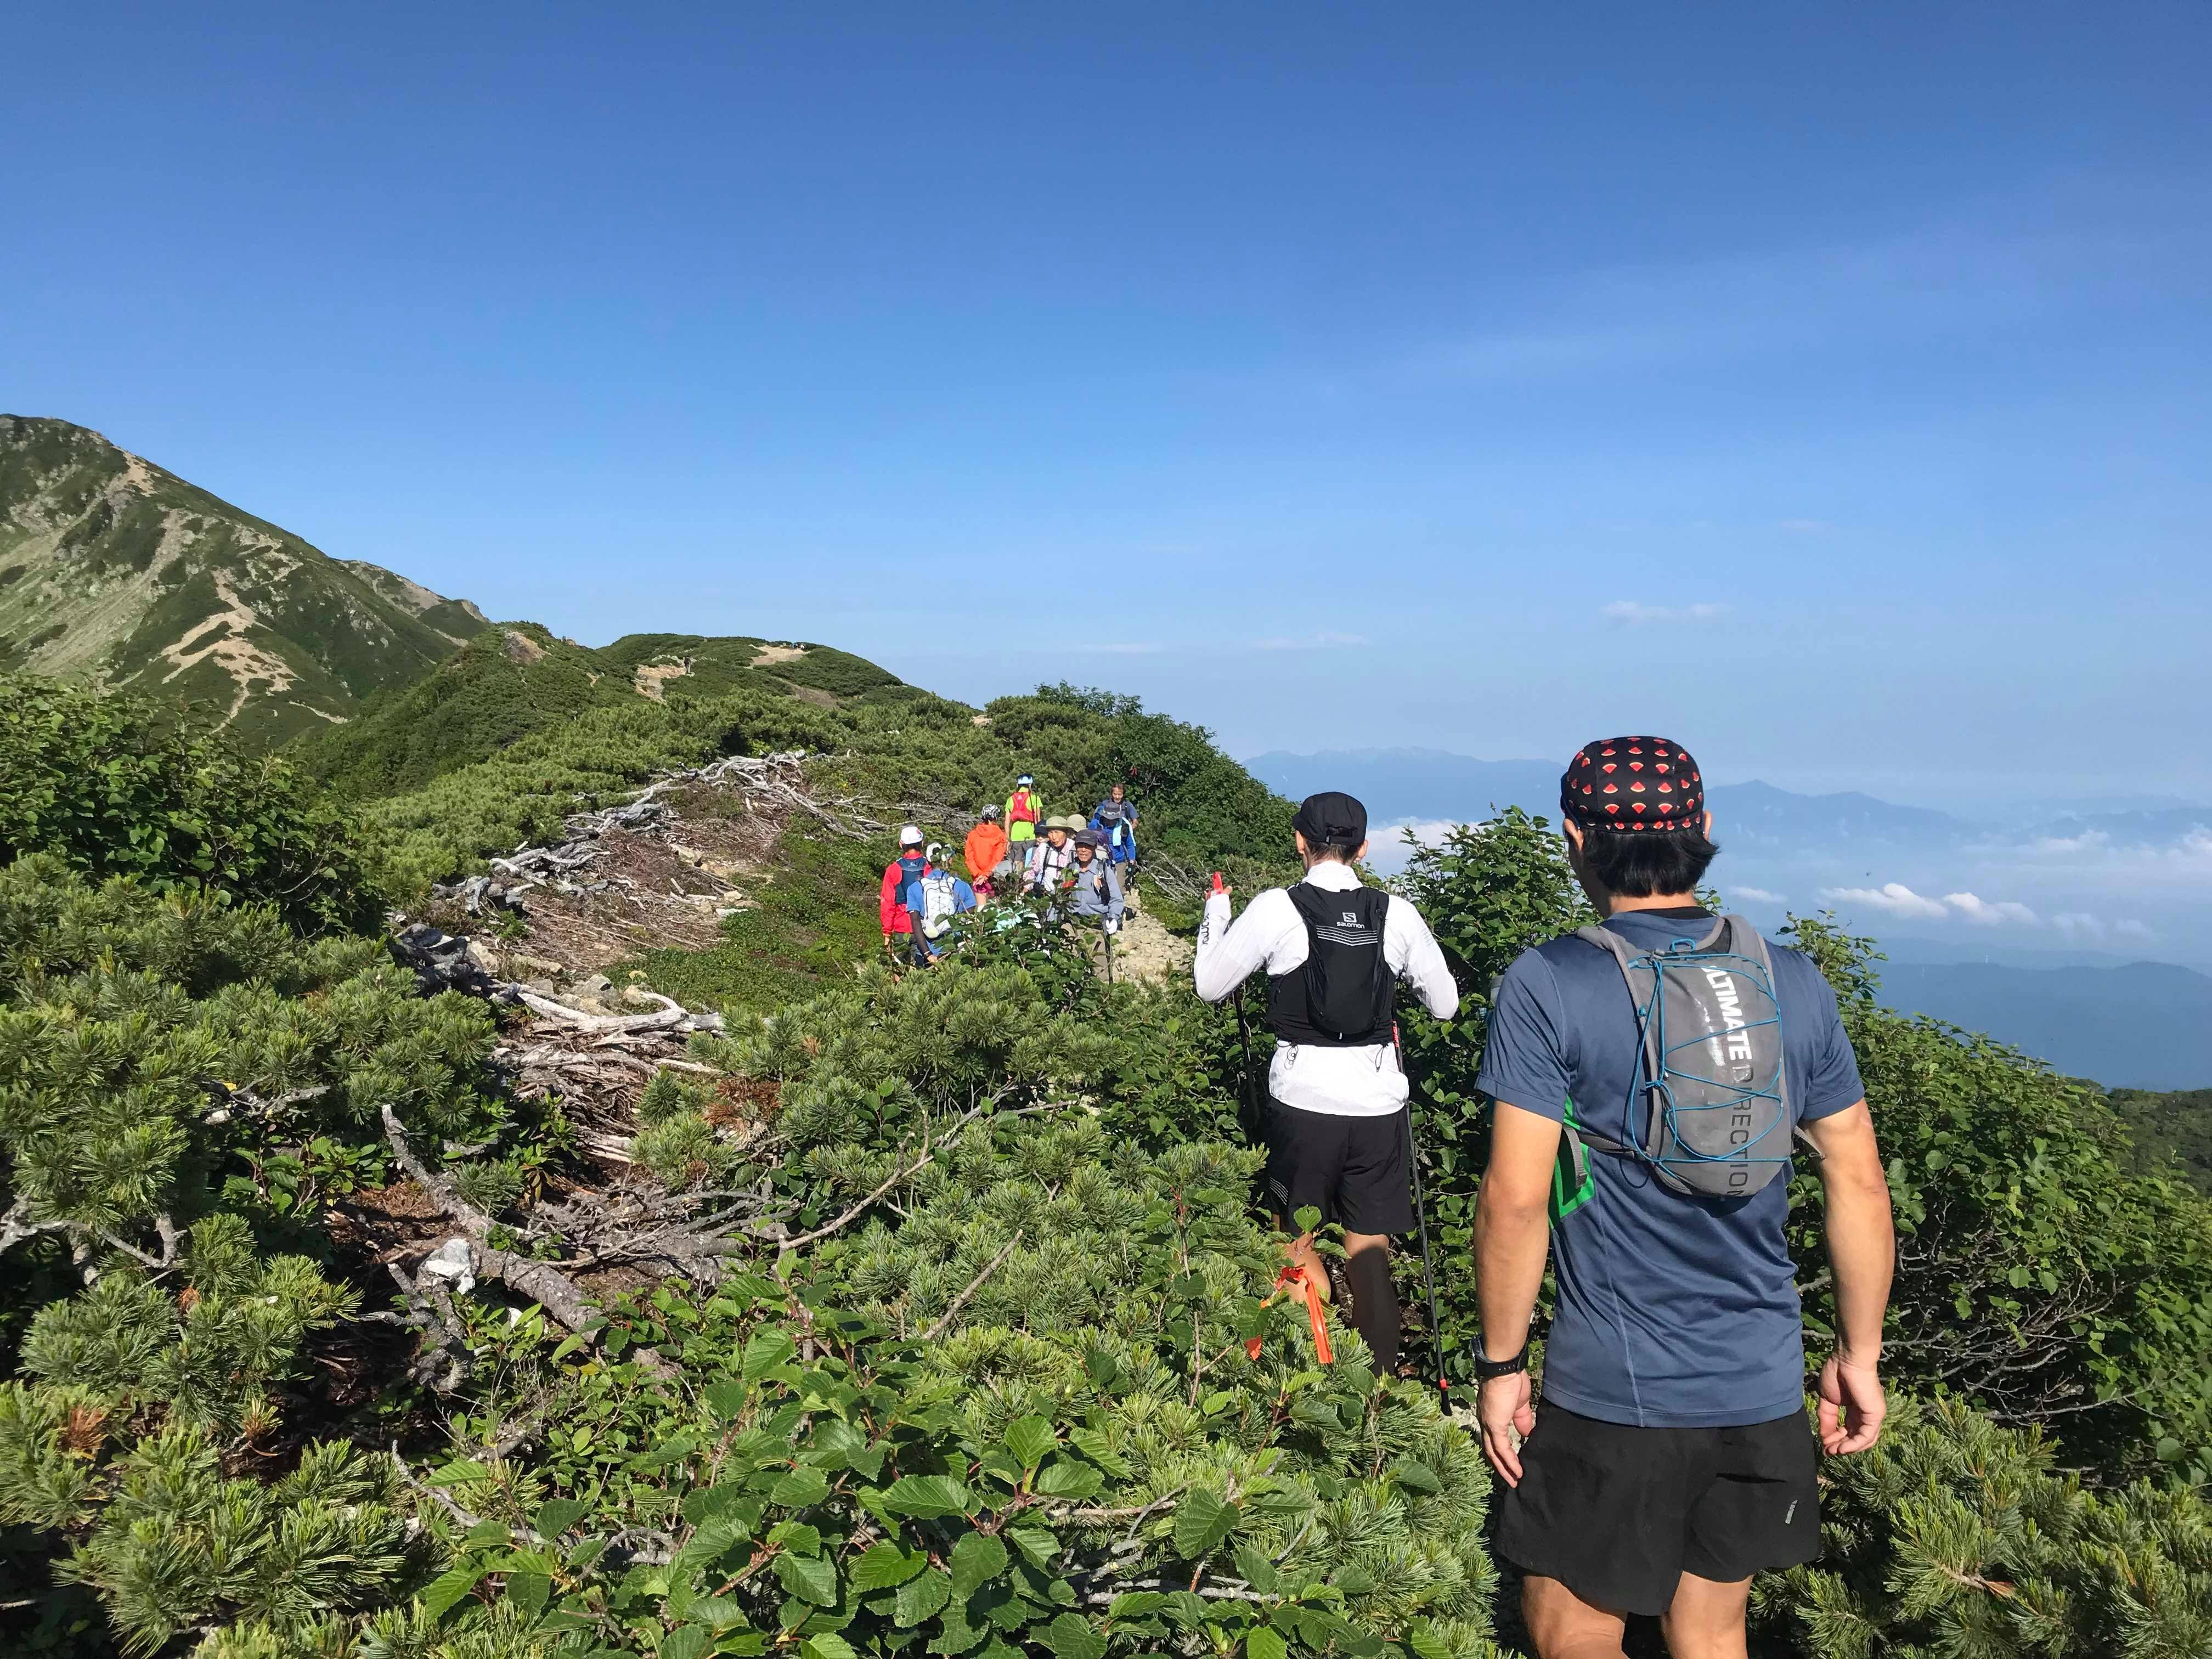 行き交う登山者とのあいさつは大切な山でのコミュニケーション。